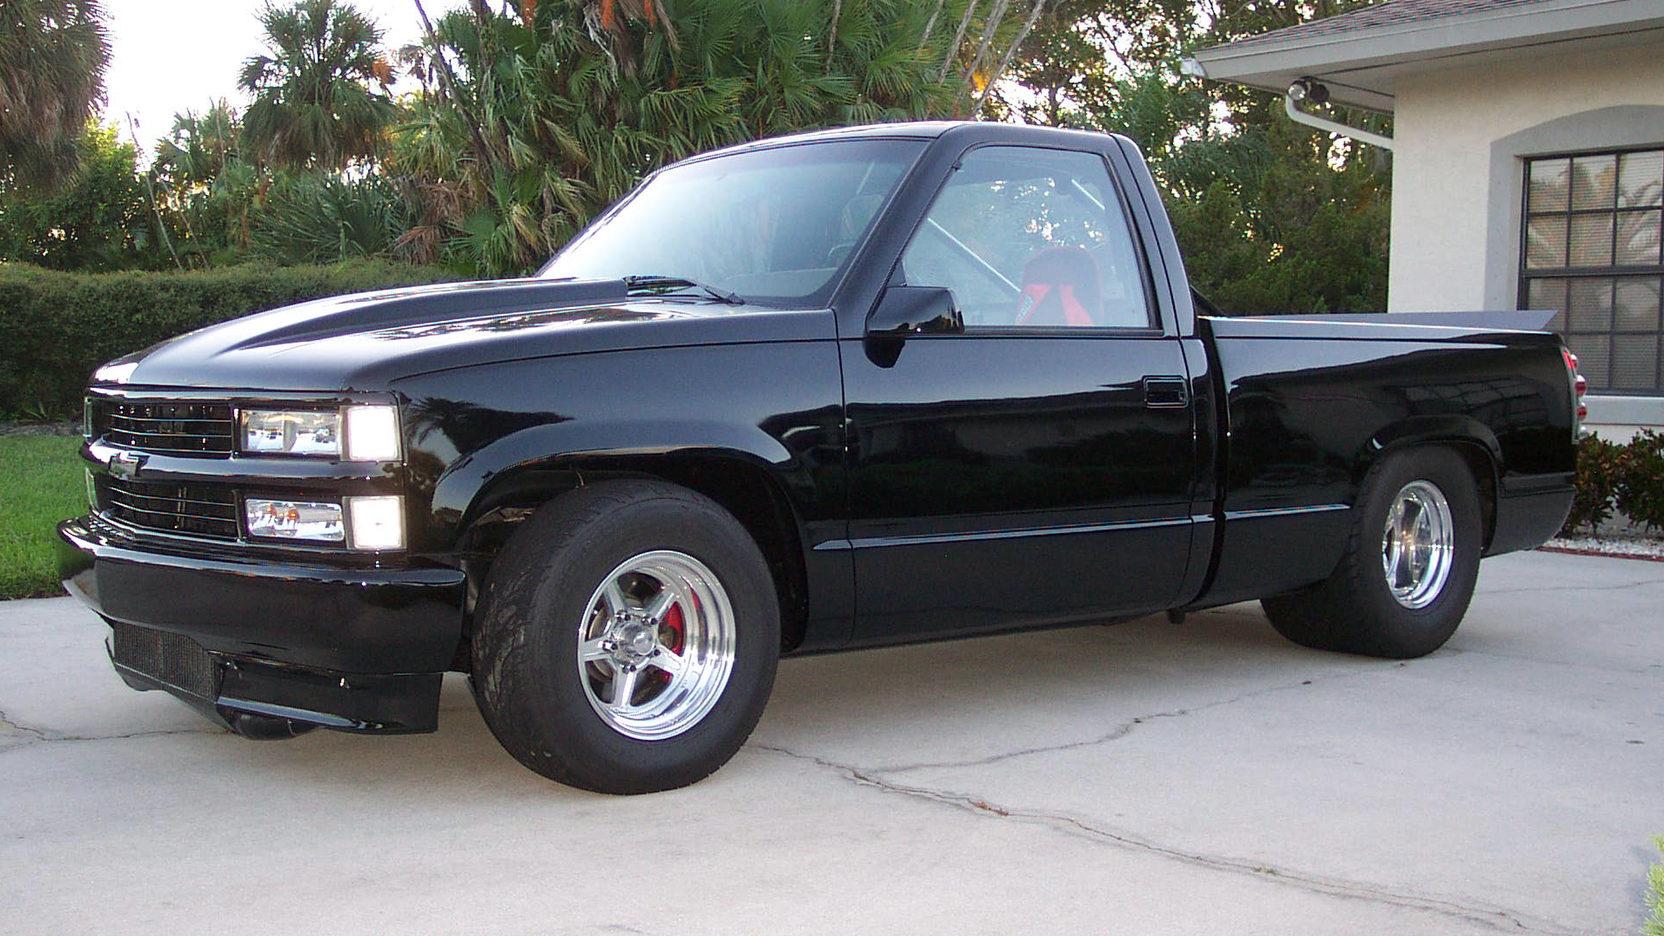 medium resolution of 1990 chevrolet silverado ss 454 pickup 1 full screen